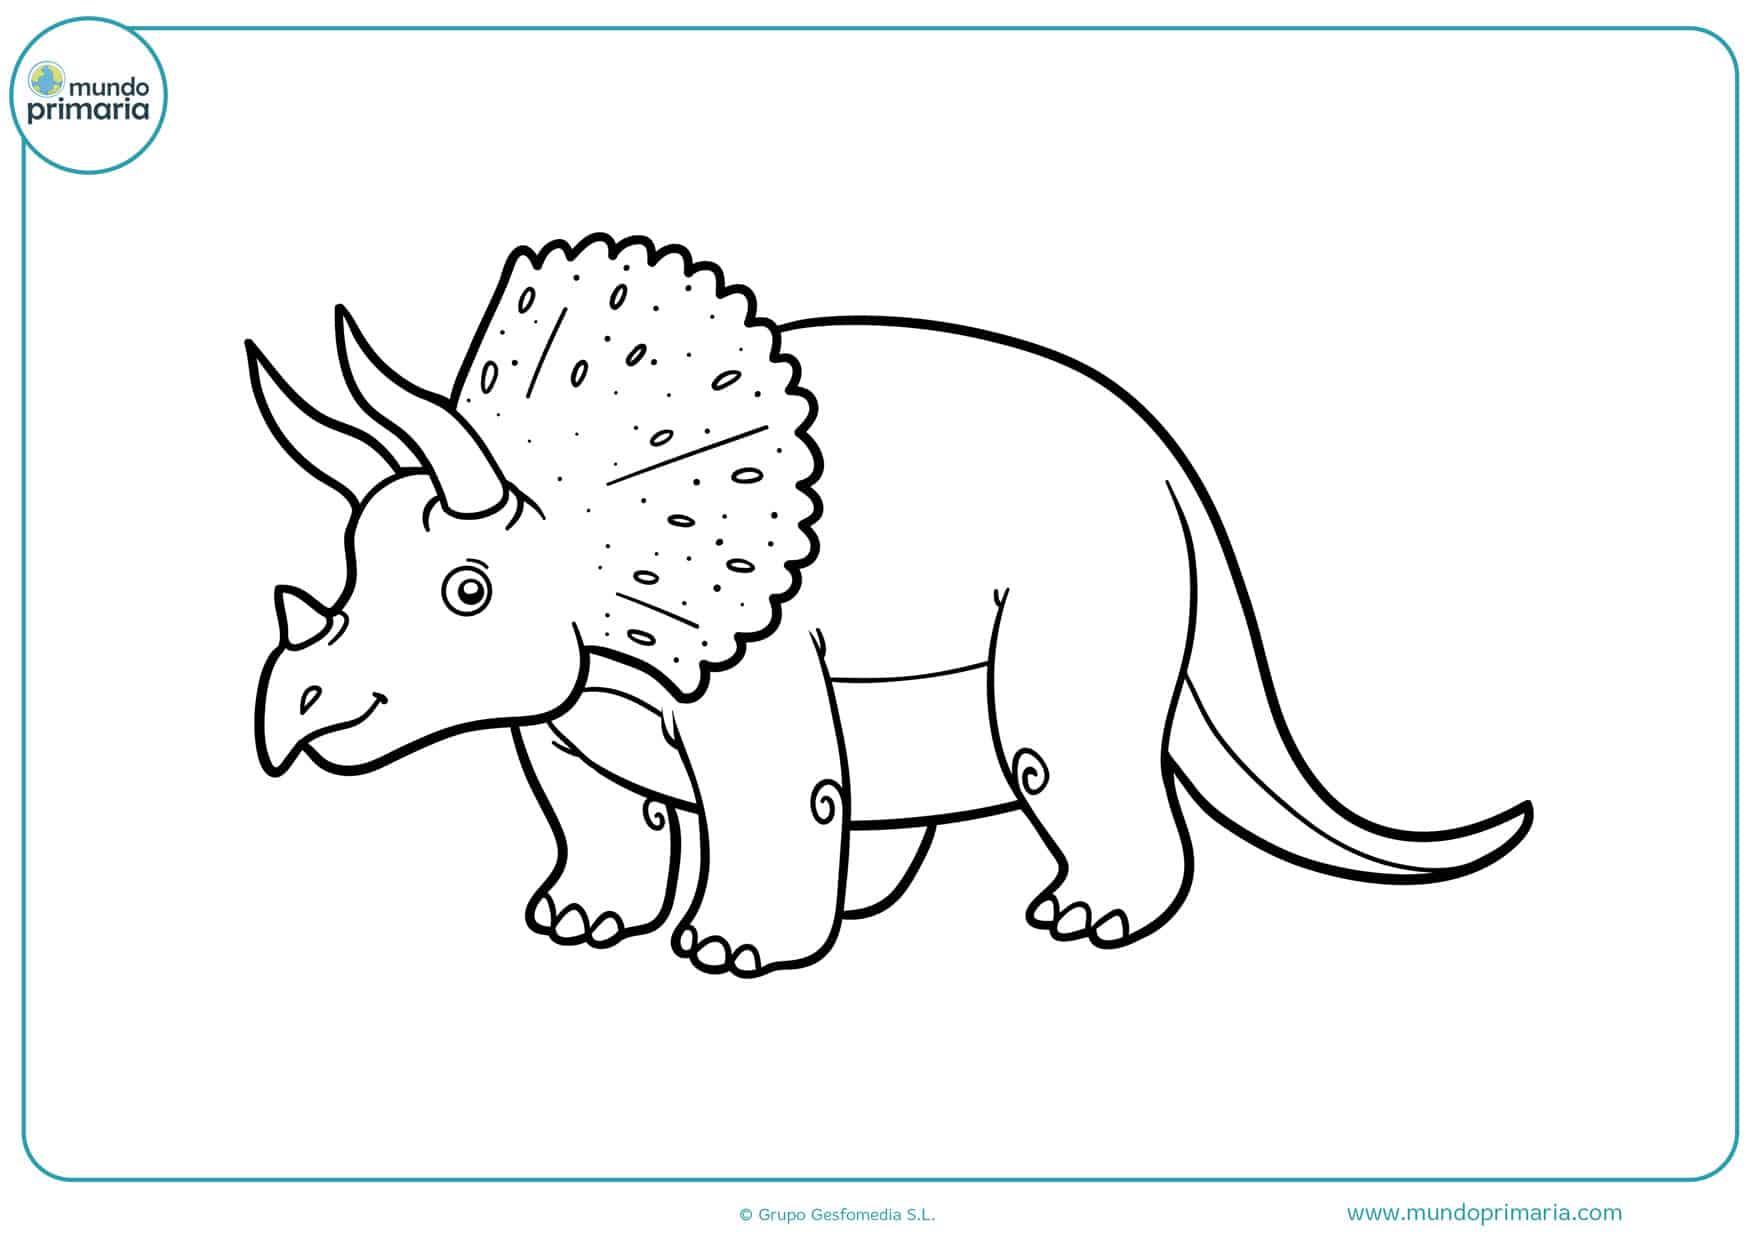 Dibujos De Dinosaurios Para Colorear Imprimir Y Pintar Los dinosaurios (dinosauria, del griego δεινός deinos 'terrible' y σαῦρος sauros 'lagarto': dibujos de dinosaurios para colorear